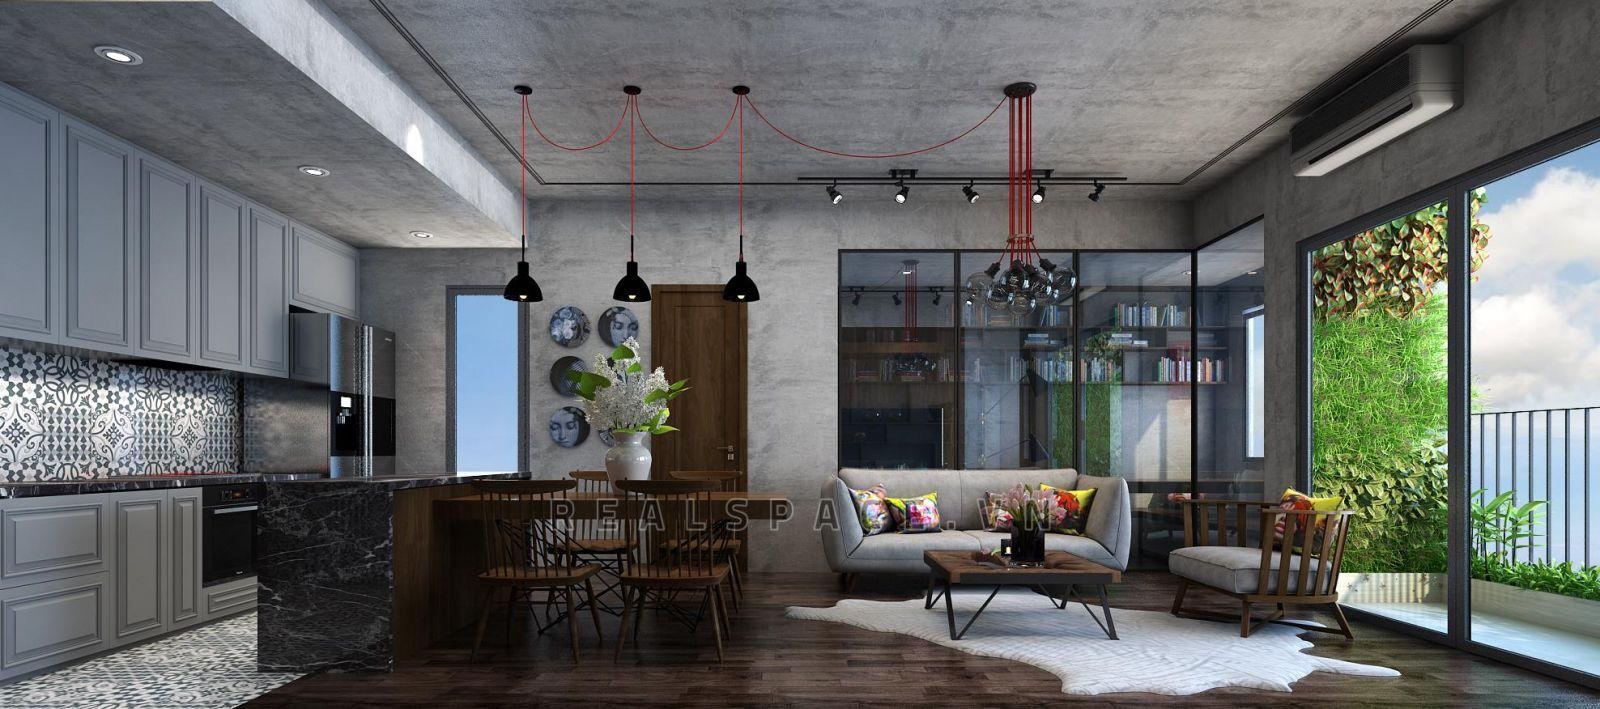 Thiết kế nội thất chung cư hiện đại tại Ecolife Tố Hữu - Anh Hoàng